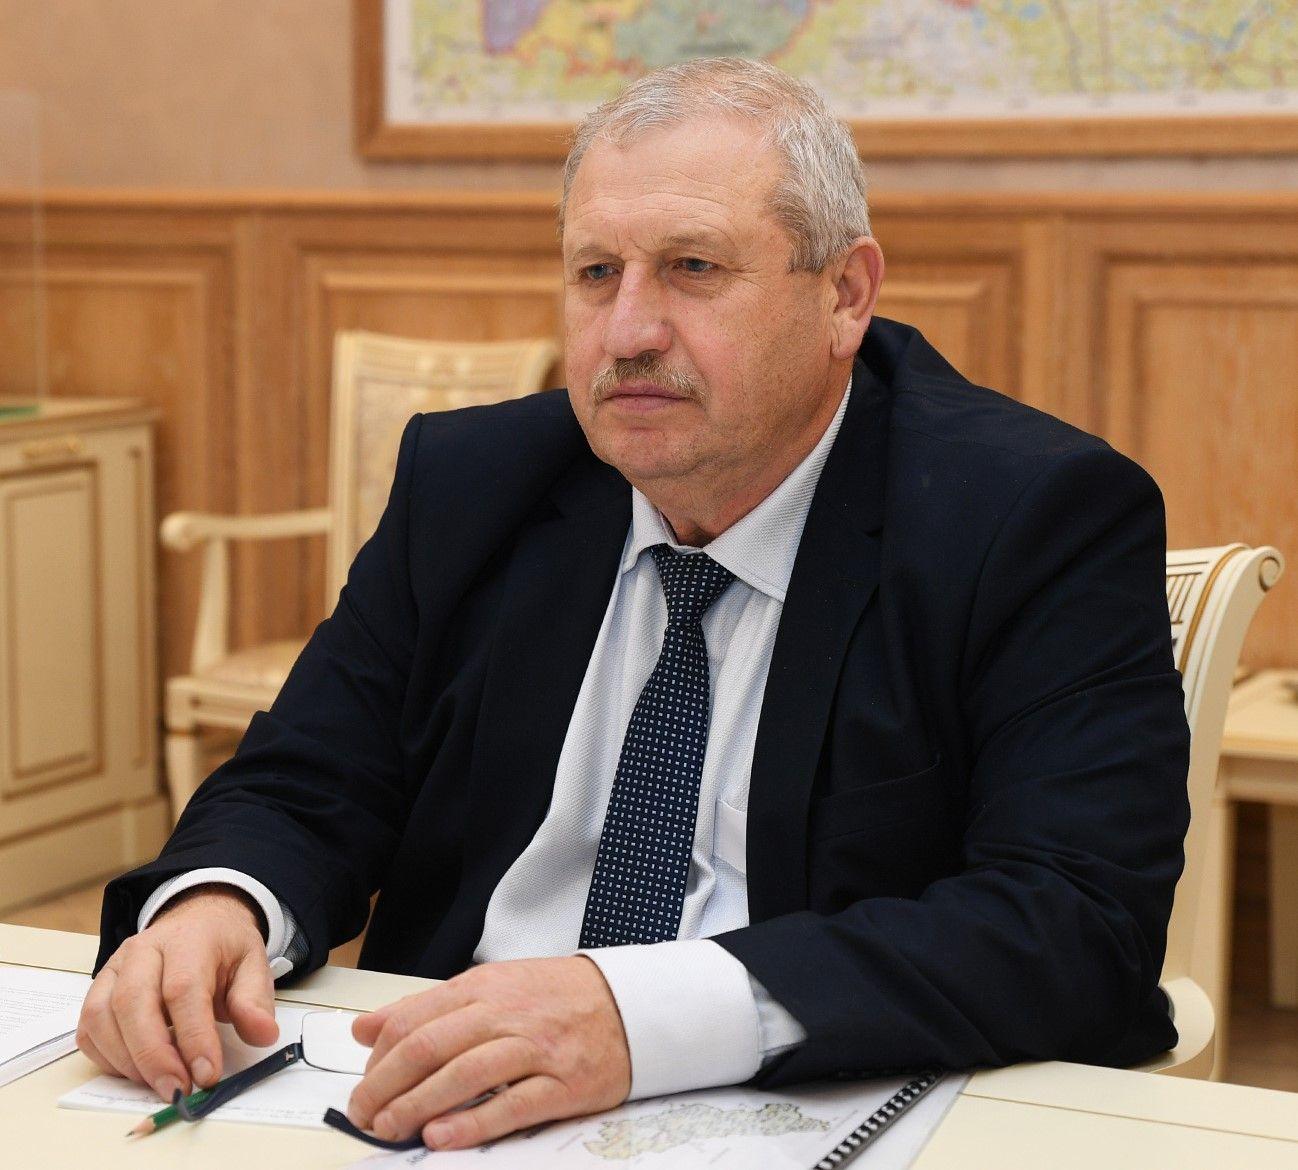 Николай Баранник: У власти на местах должно быть больше самостоятельности